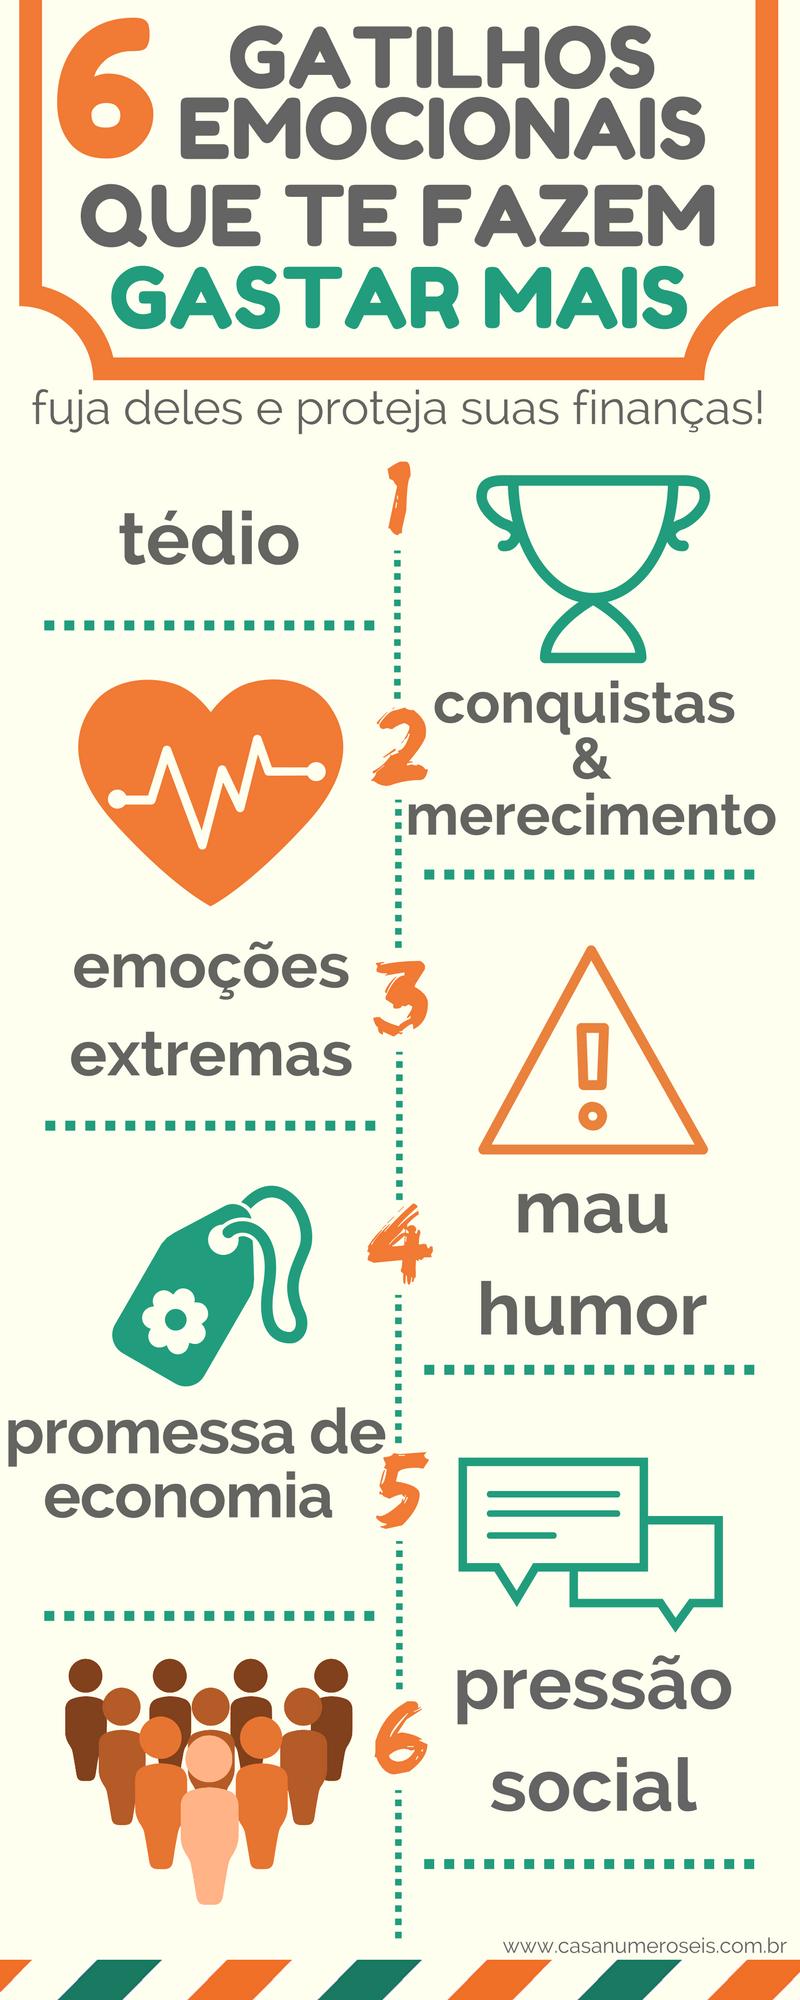 6 Gatilhos Emocionais Que Te Fazem Gastar Mais Economia